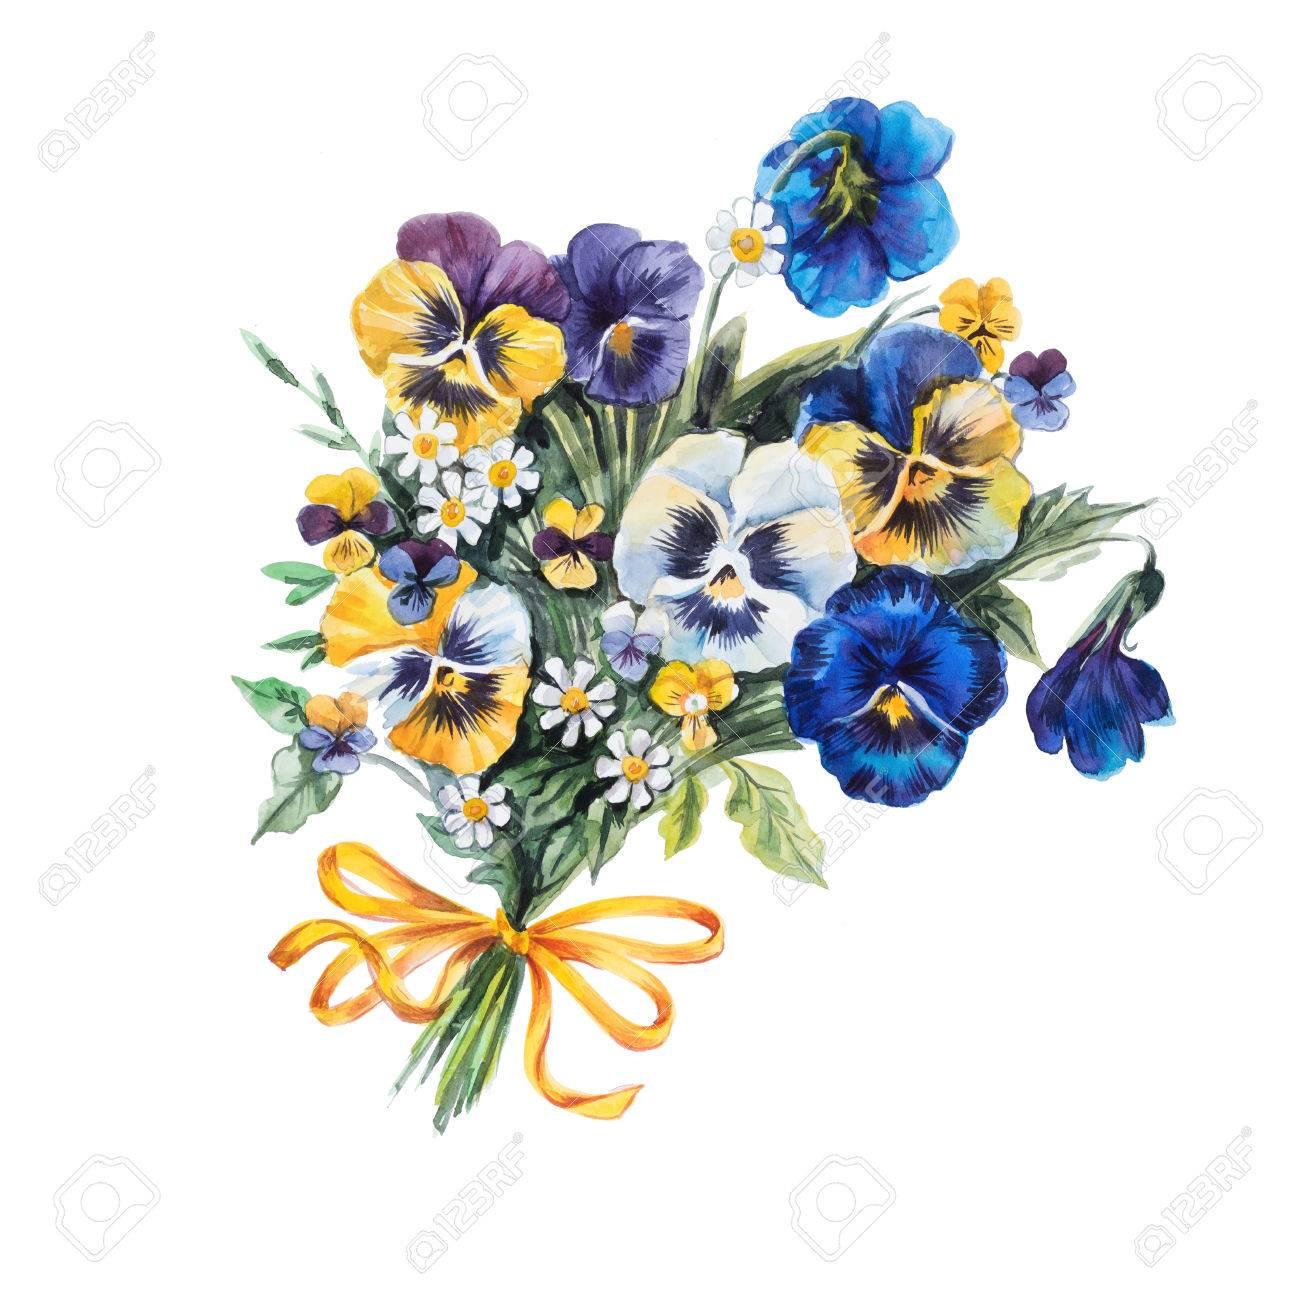 1300x1292 Bouquet Of Violets. Violets Background, Watercolor Composition